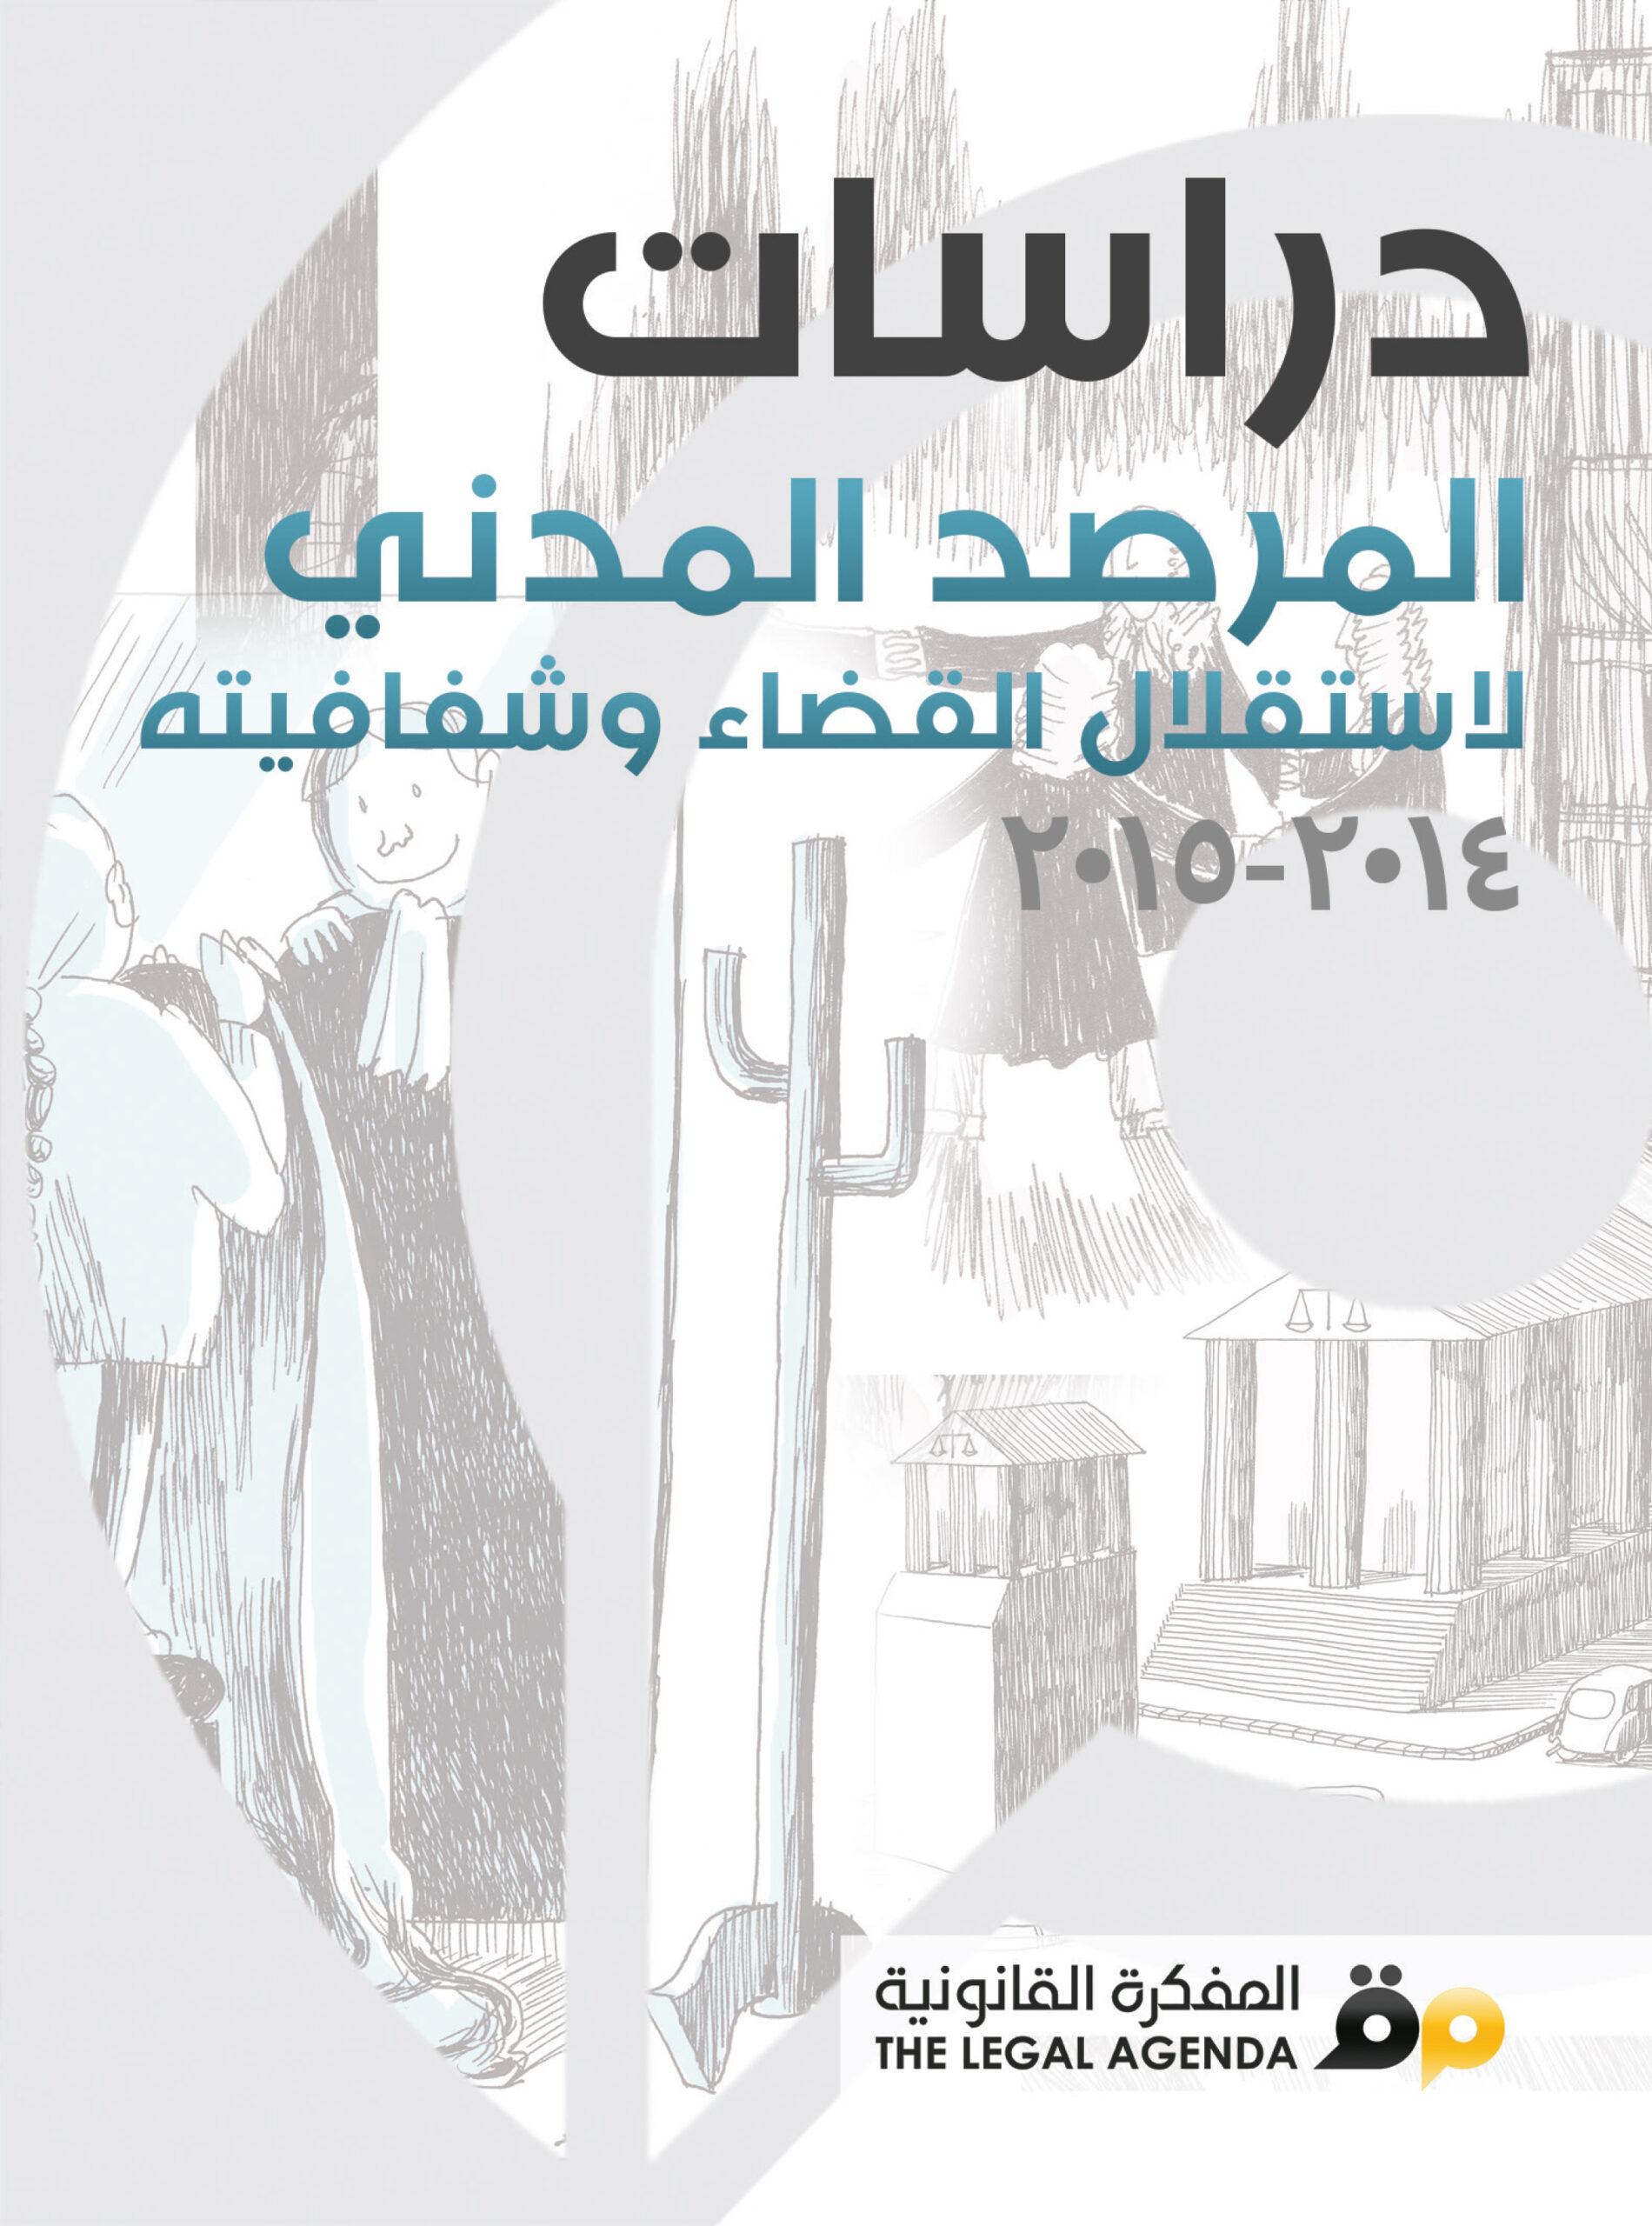 دراسات المرصد المدني لاستقلال القضاء وشفافيته 2014-2015